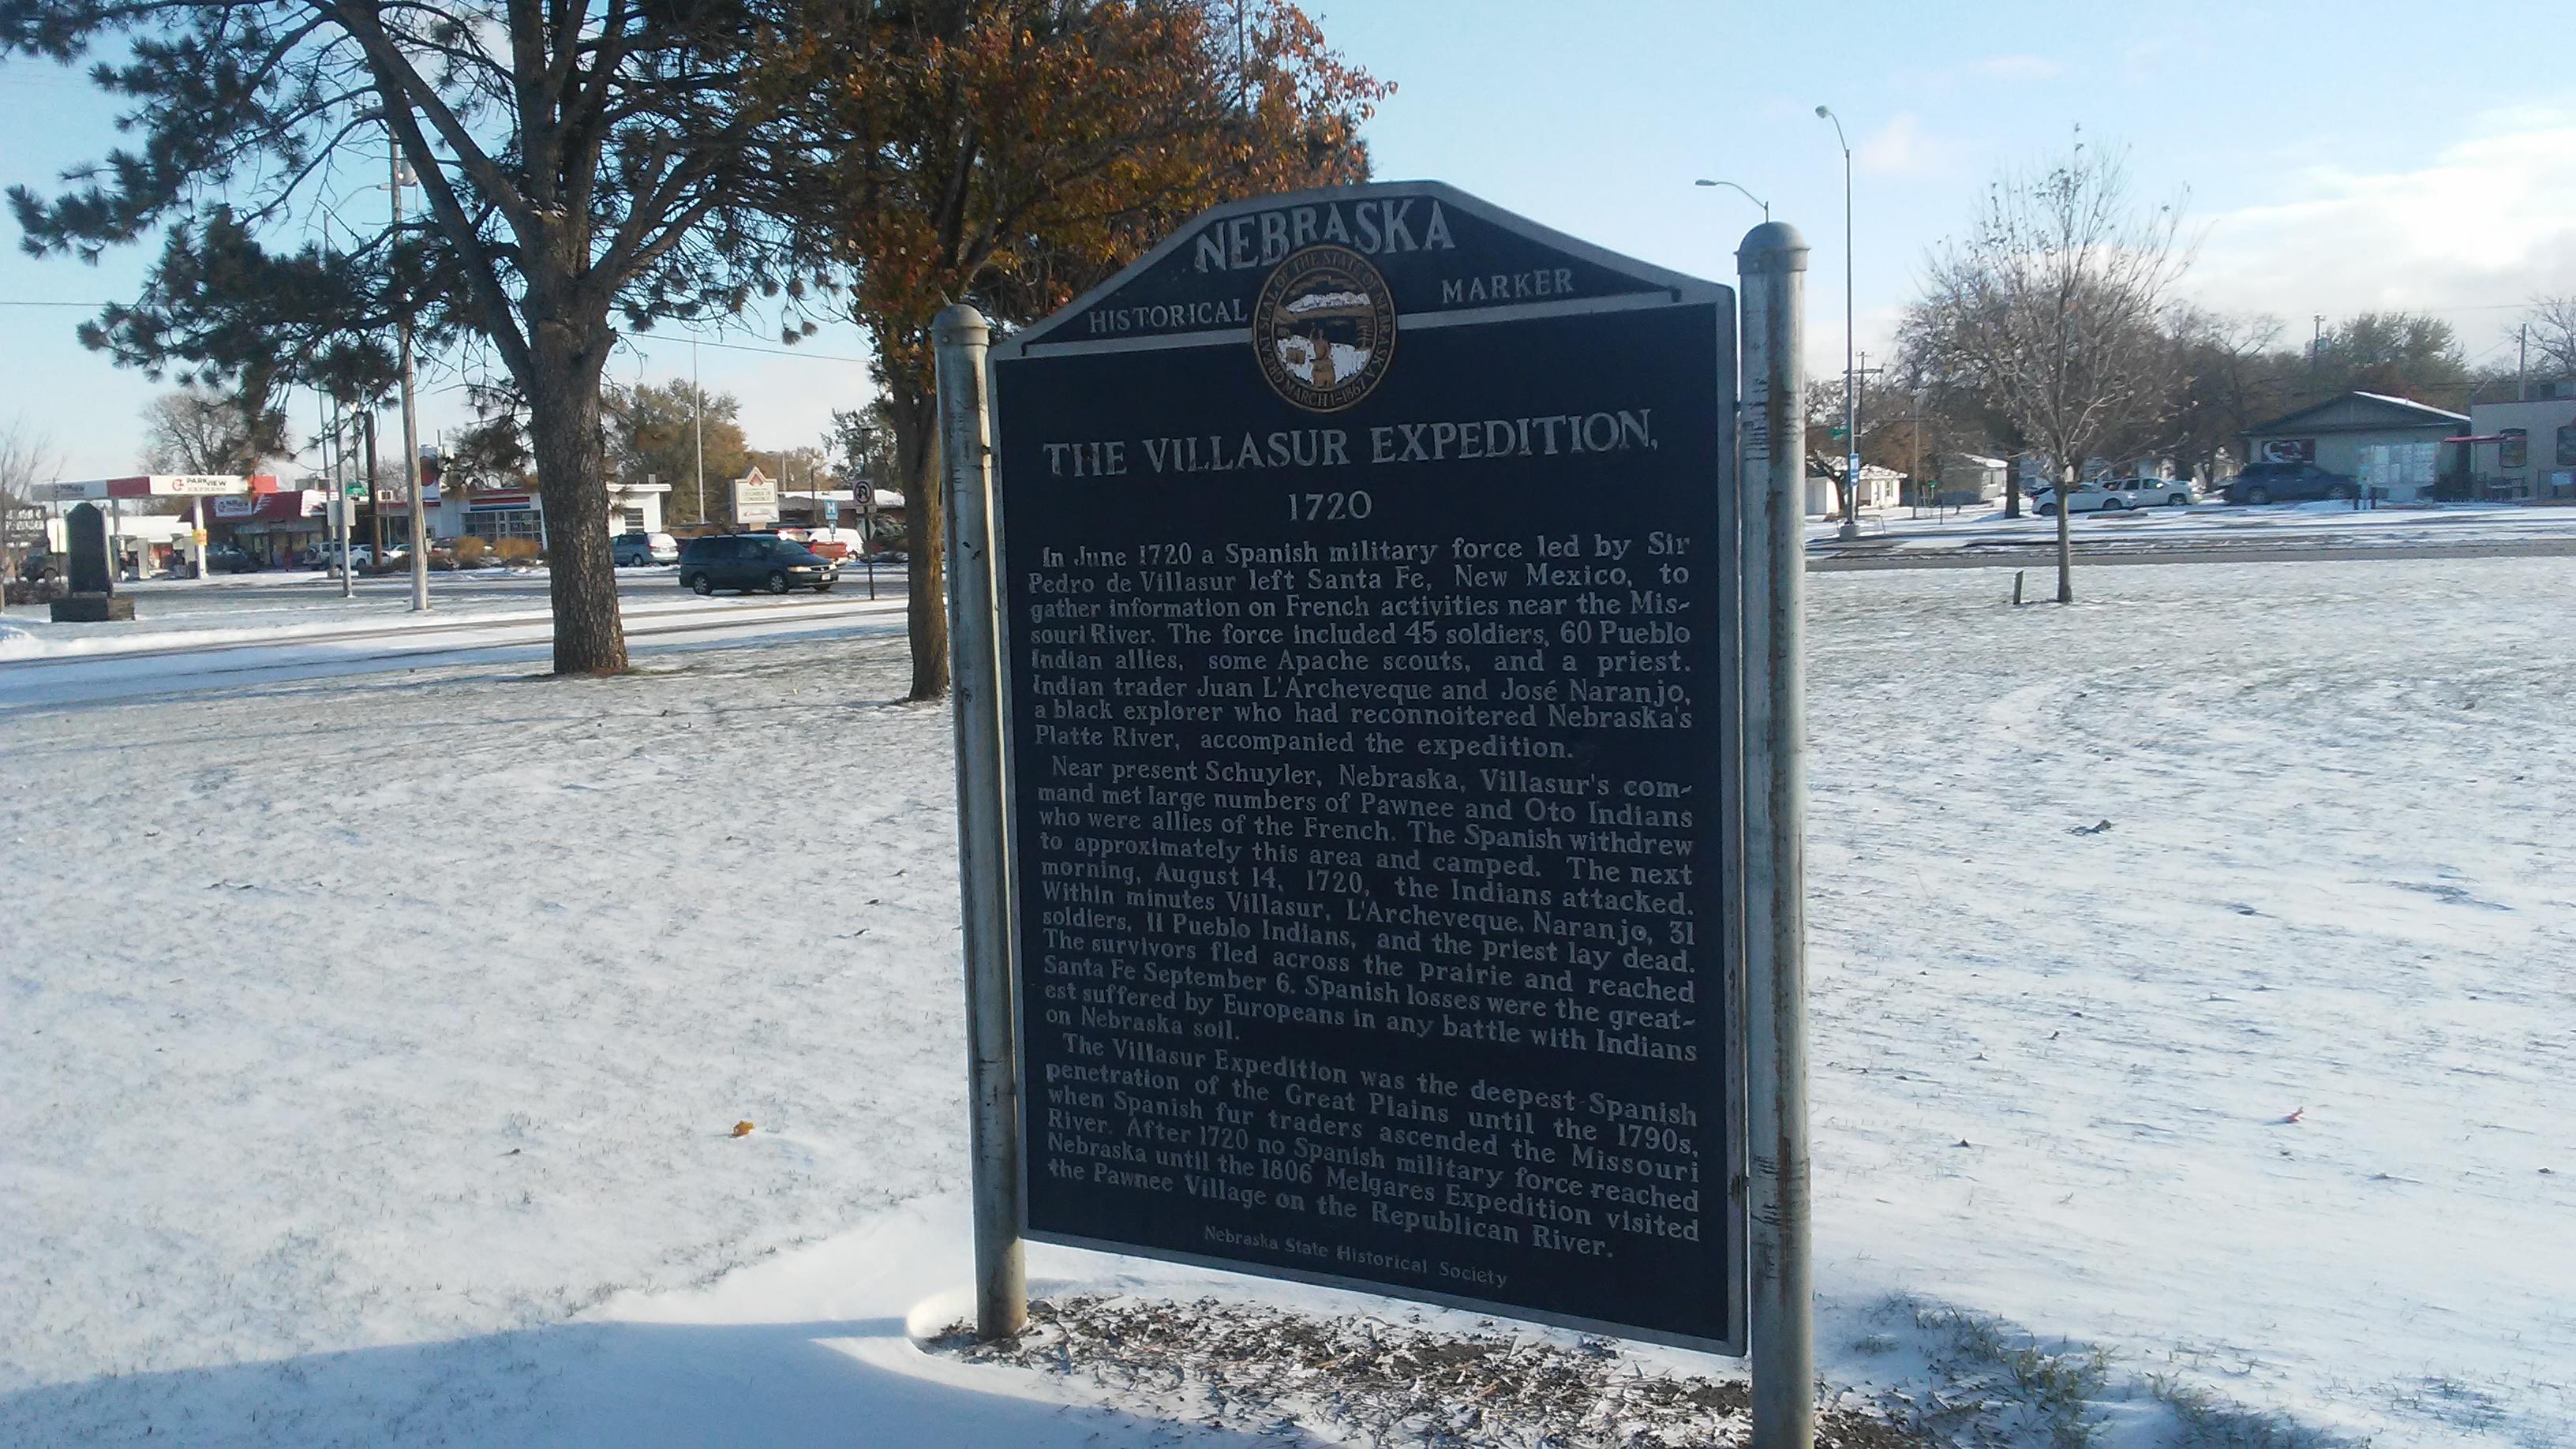 Nebraska Historical Marker 305